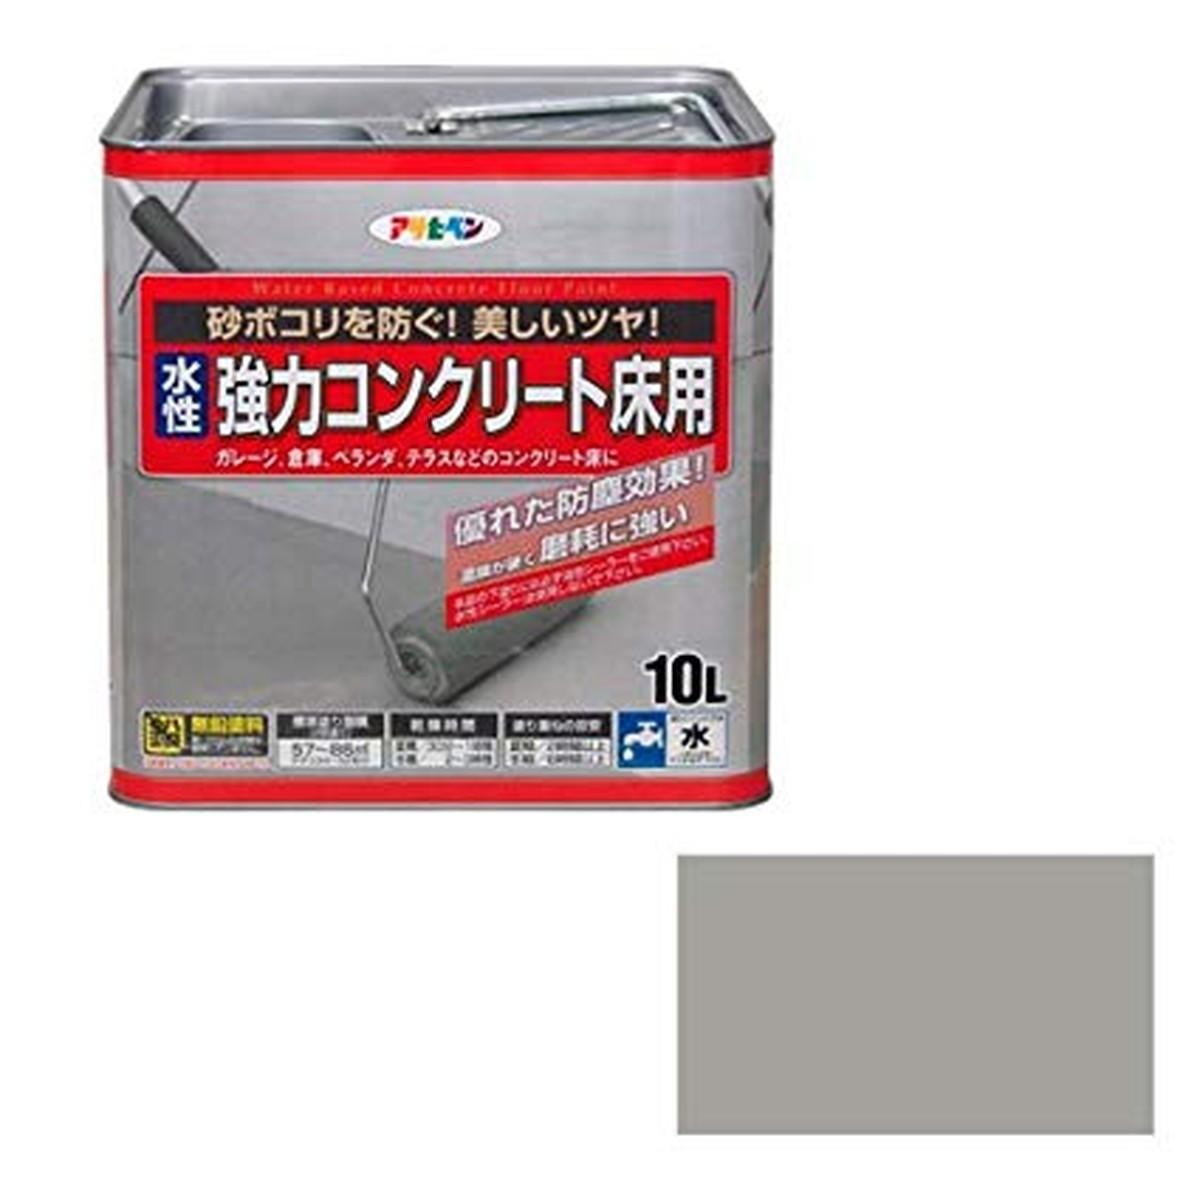 'アサヒペン 水性強力コンクリート床用 ライトグレー 10L